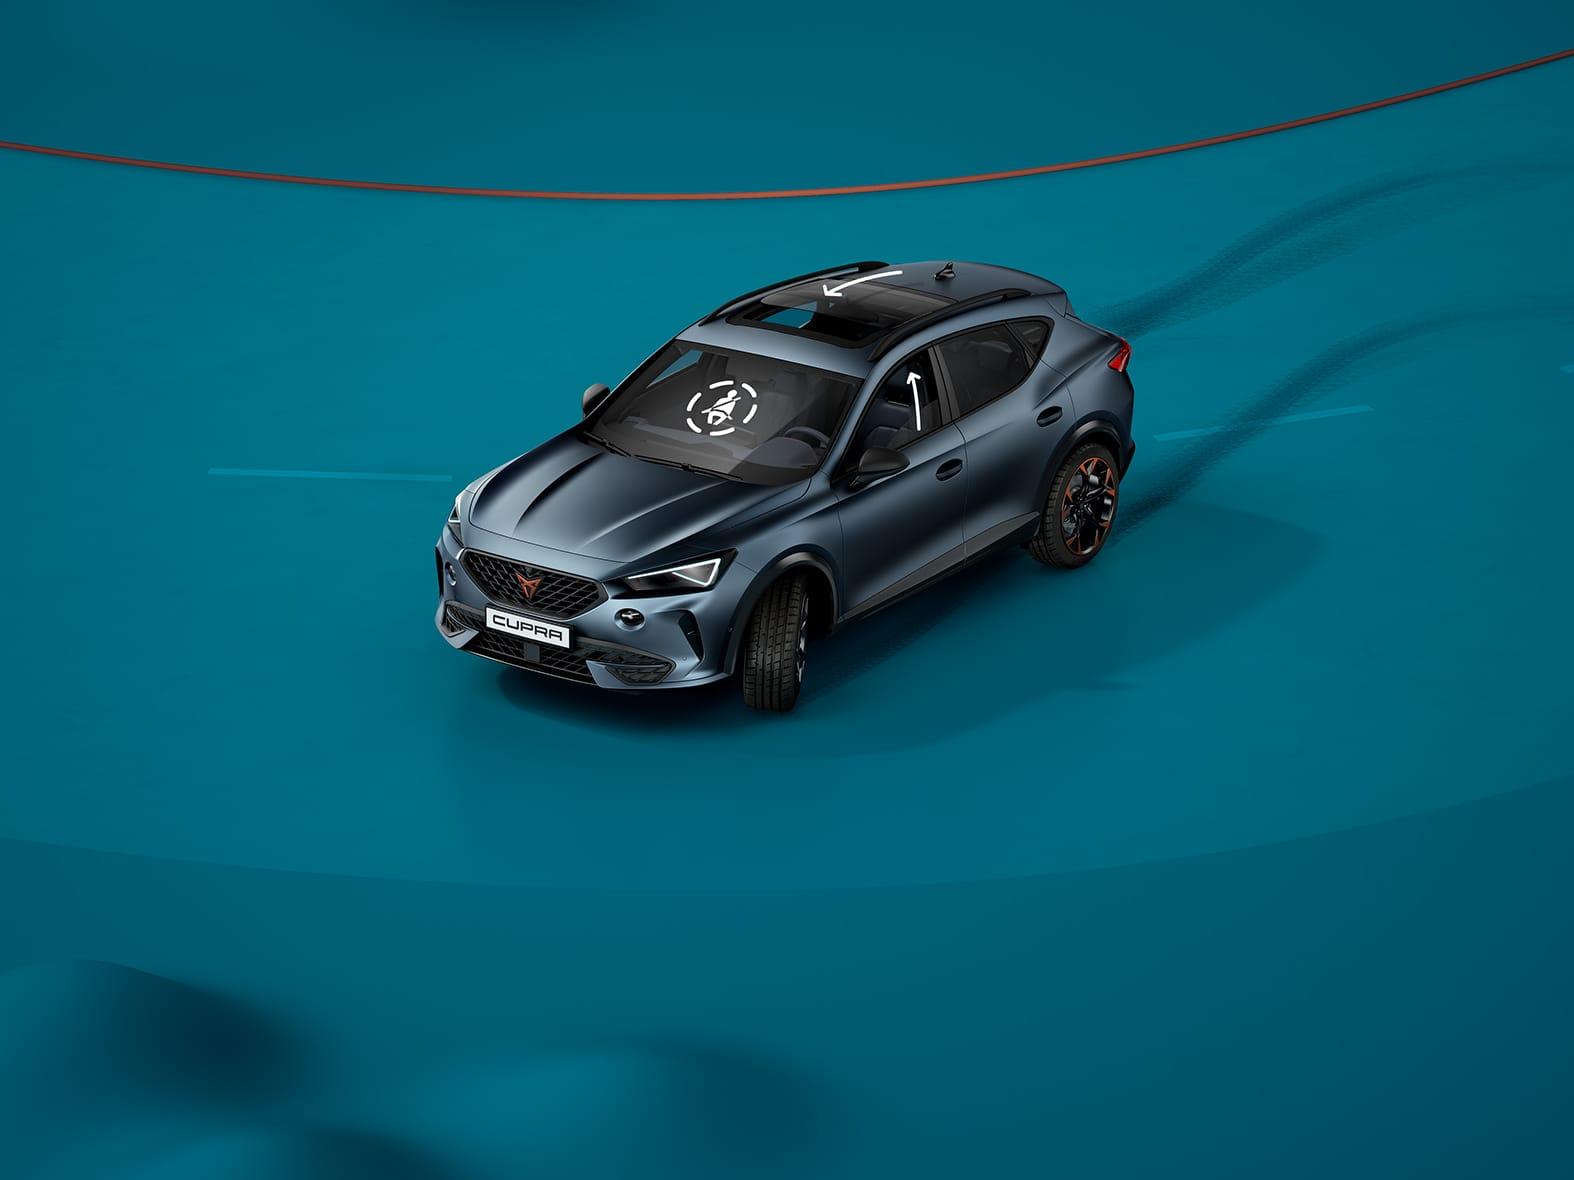 Nouvelle CUPRA Leon 5 portes ehybrid voiture de sport compacte avec assistant pré-collision